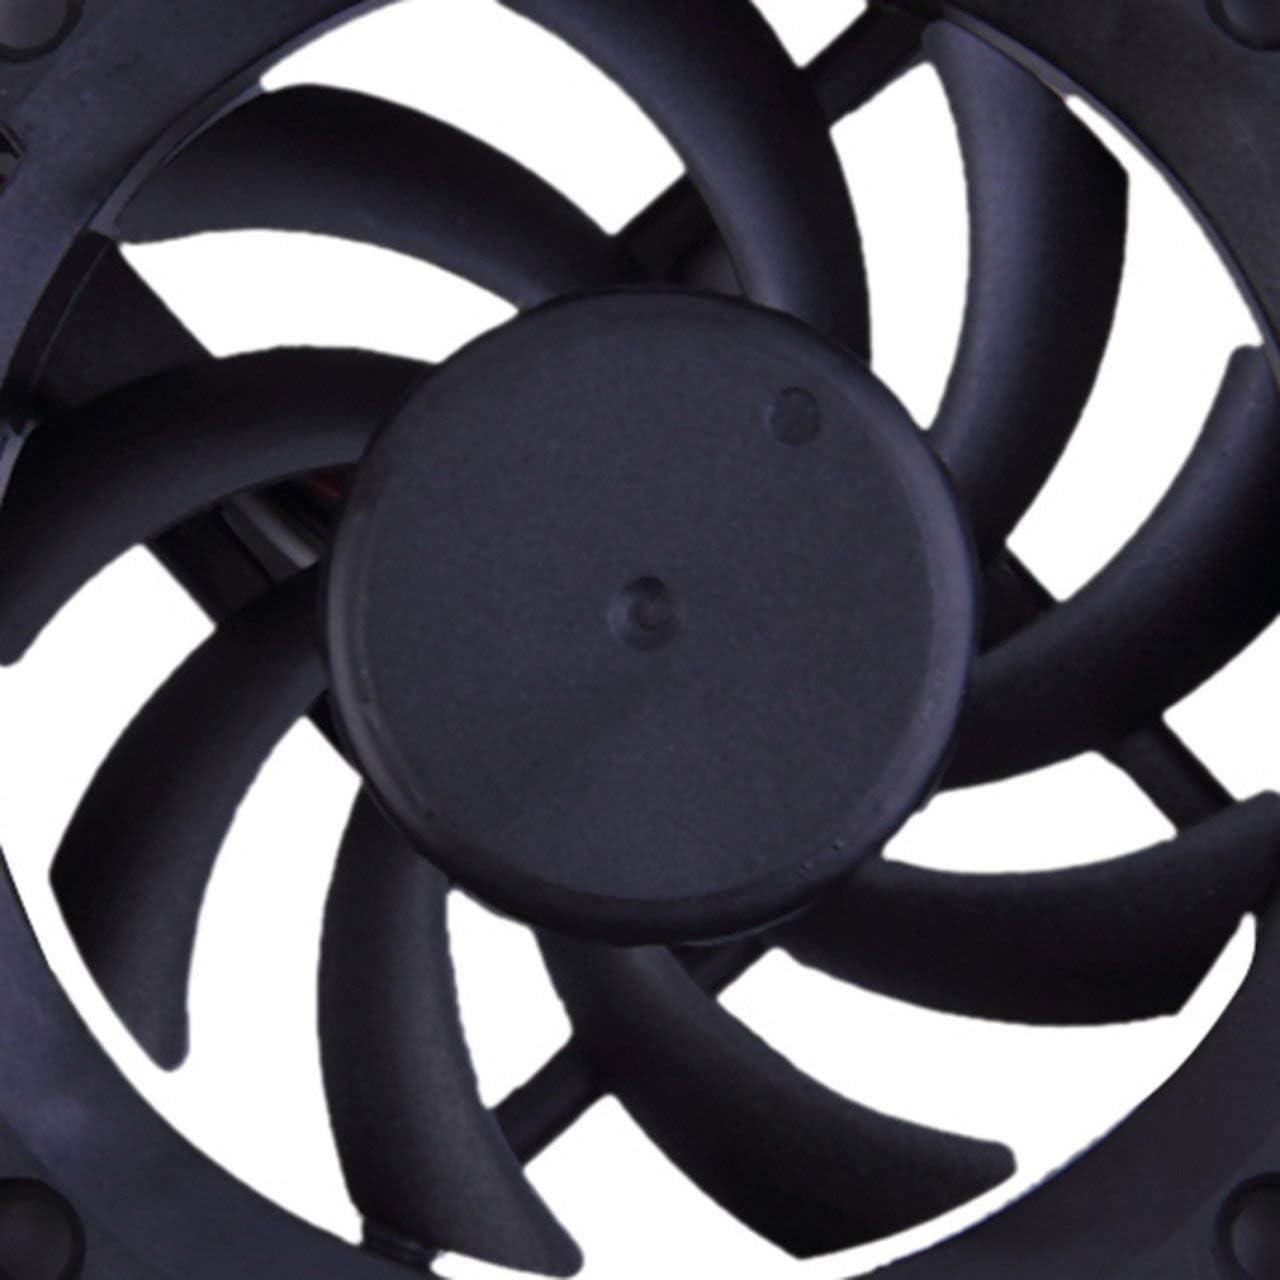 10/% 3 Pines 7cm 12 V Rodamiento de Bolas Caja de Ahorro de energ/ía Ventilador de enfriamiento para computadora ESjasnyfall Negro ABS Negro Ahorro de energ/ía 16.0dB //